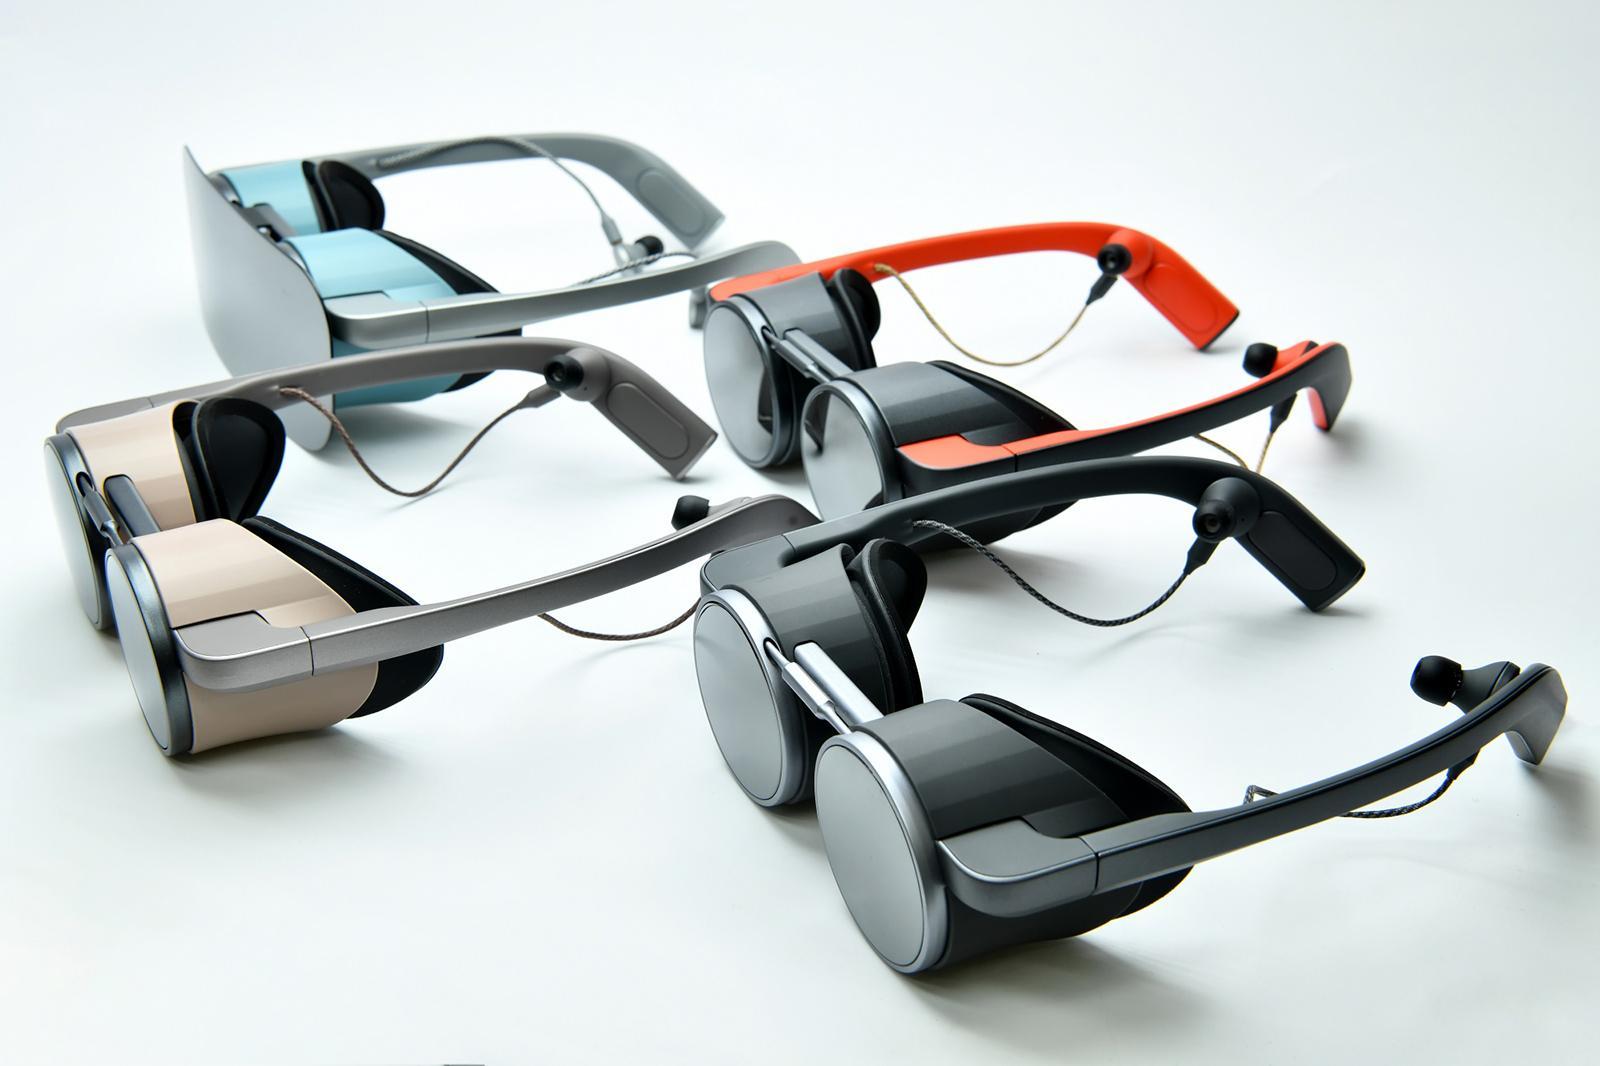 Gogle VR od Panasonic wyglądają jak okulary spawacza. Ale jako pierwsze mają HDR